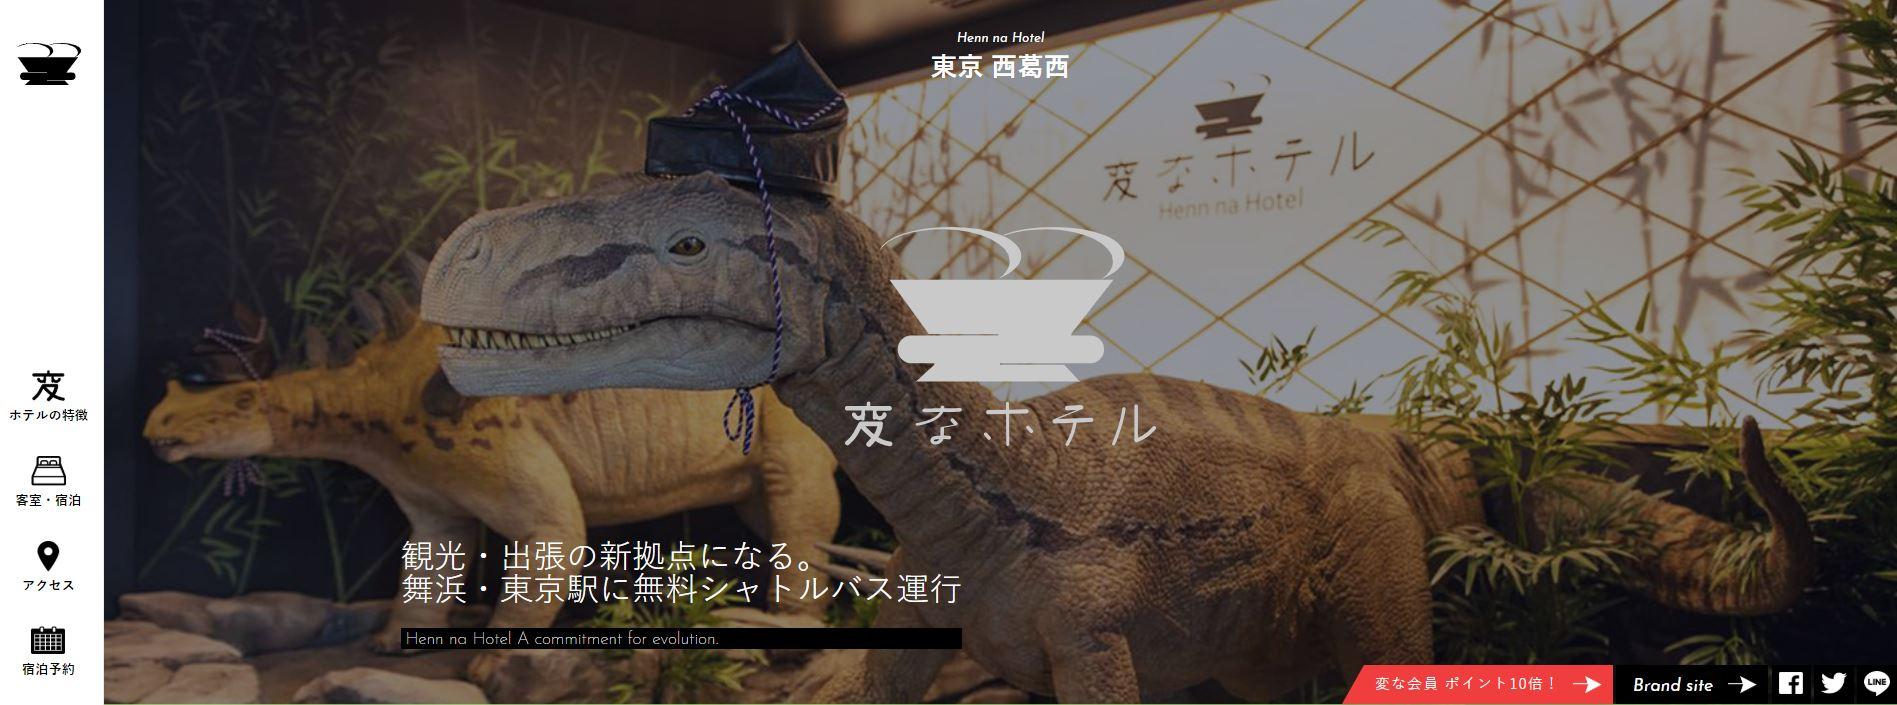 ★変なホテル東京 西葛西★ HPリニューアルしました!